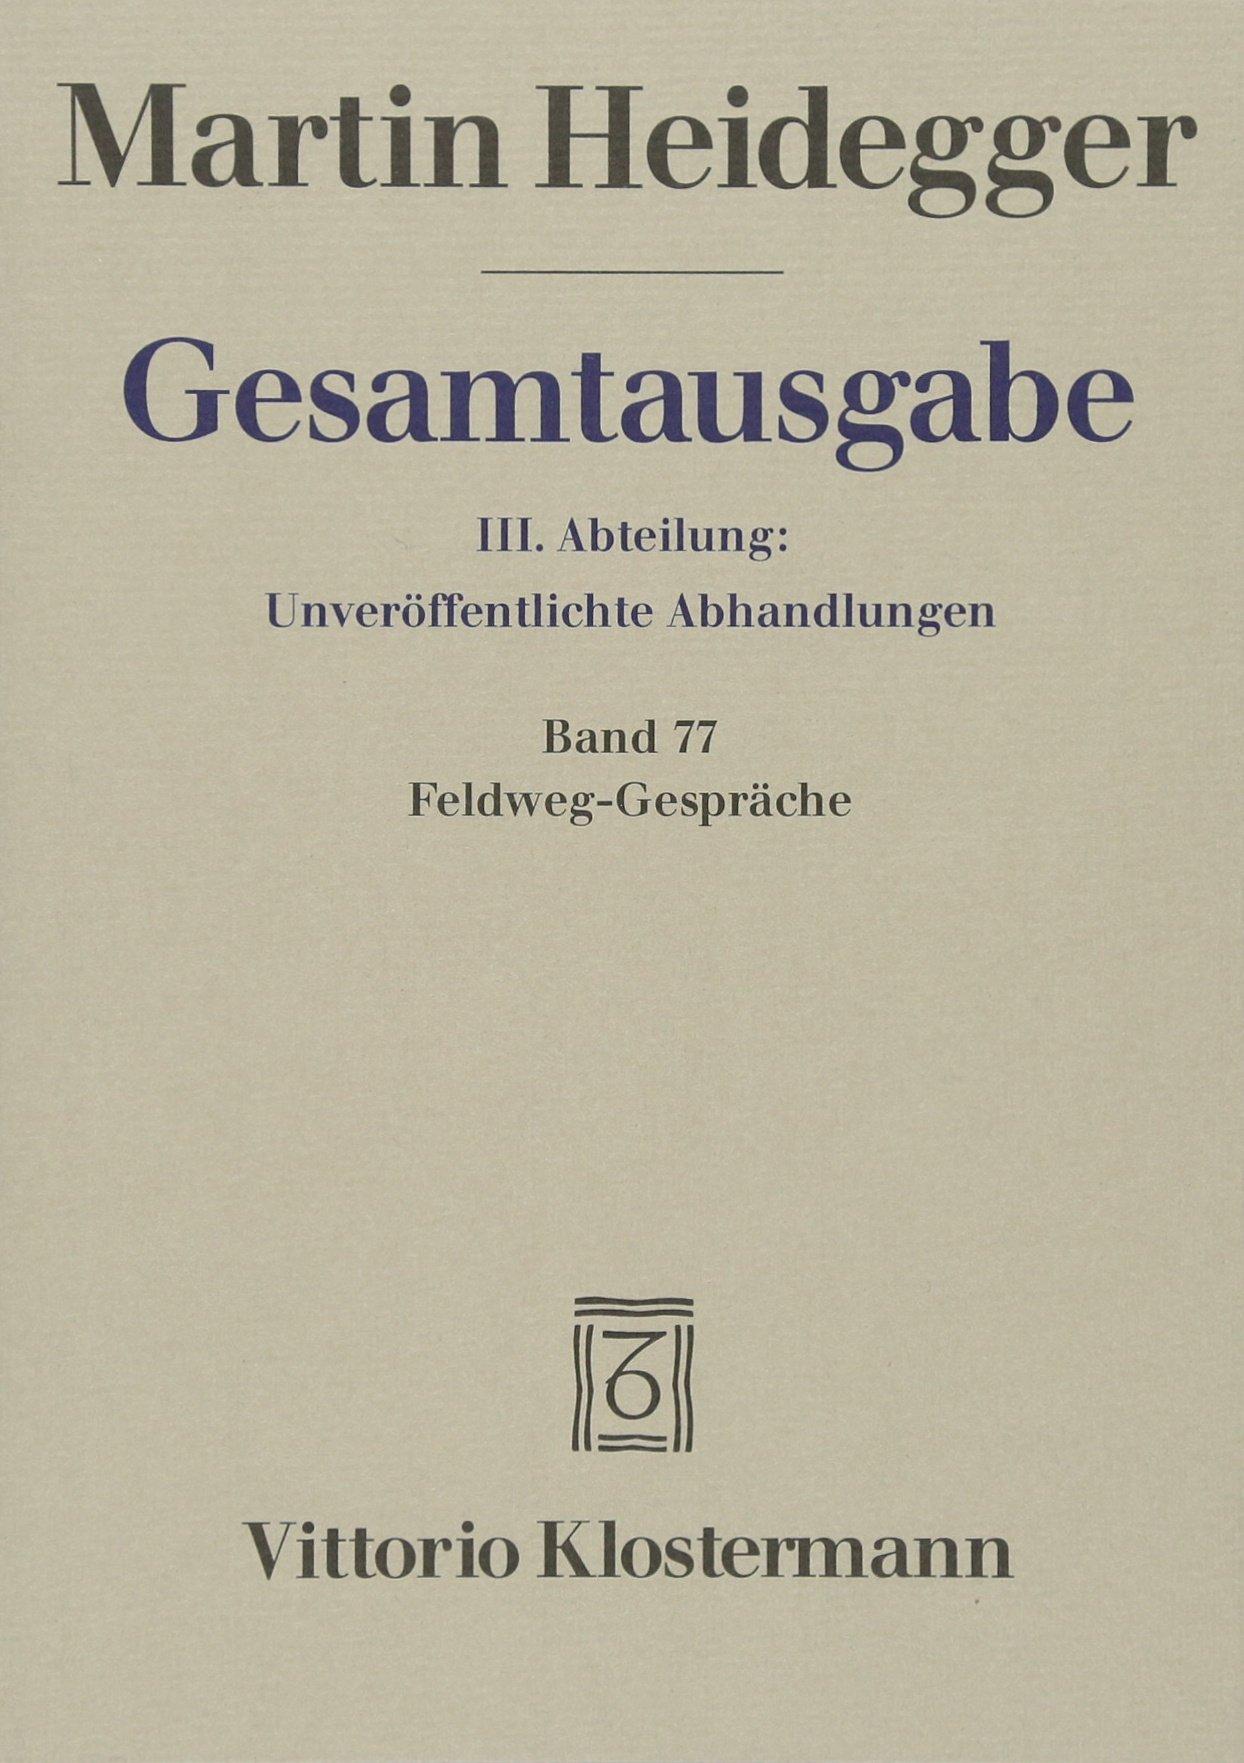 Gesamtausgabe 3. Abt. Bd. 77: Feldweg-Gespräche (1944/45)